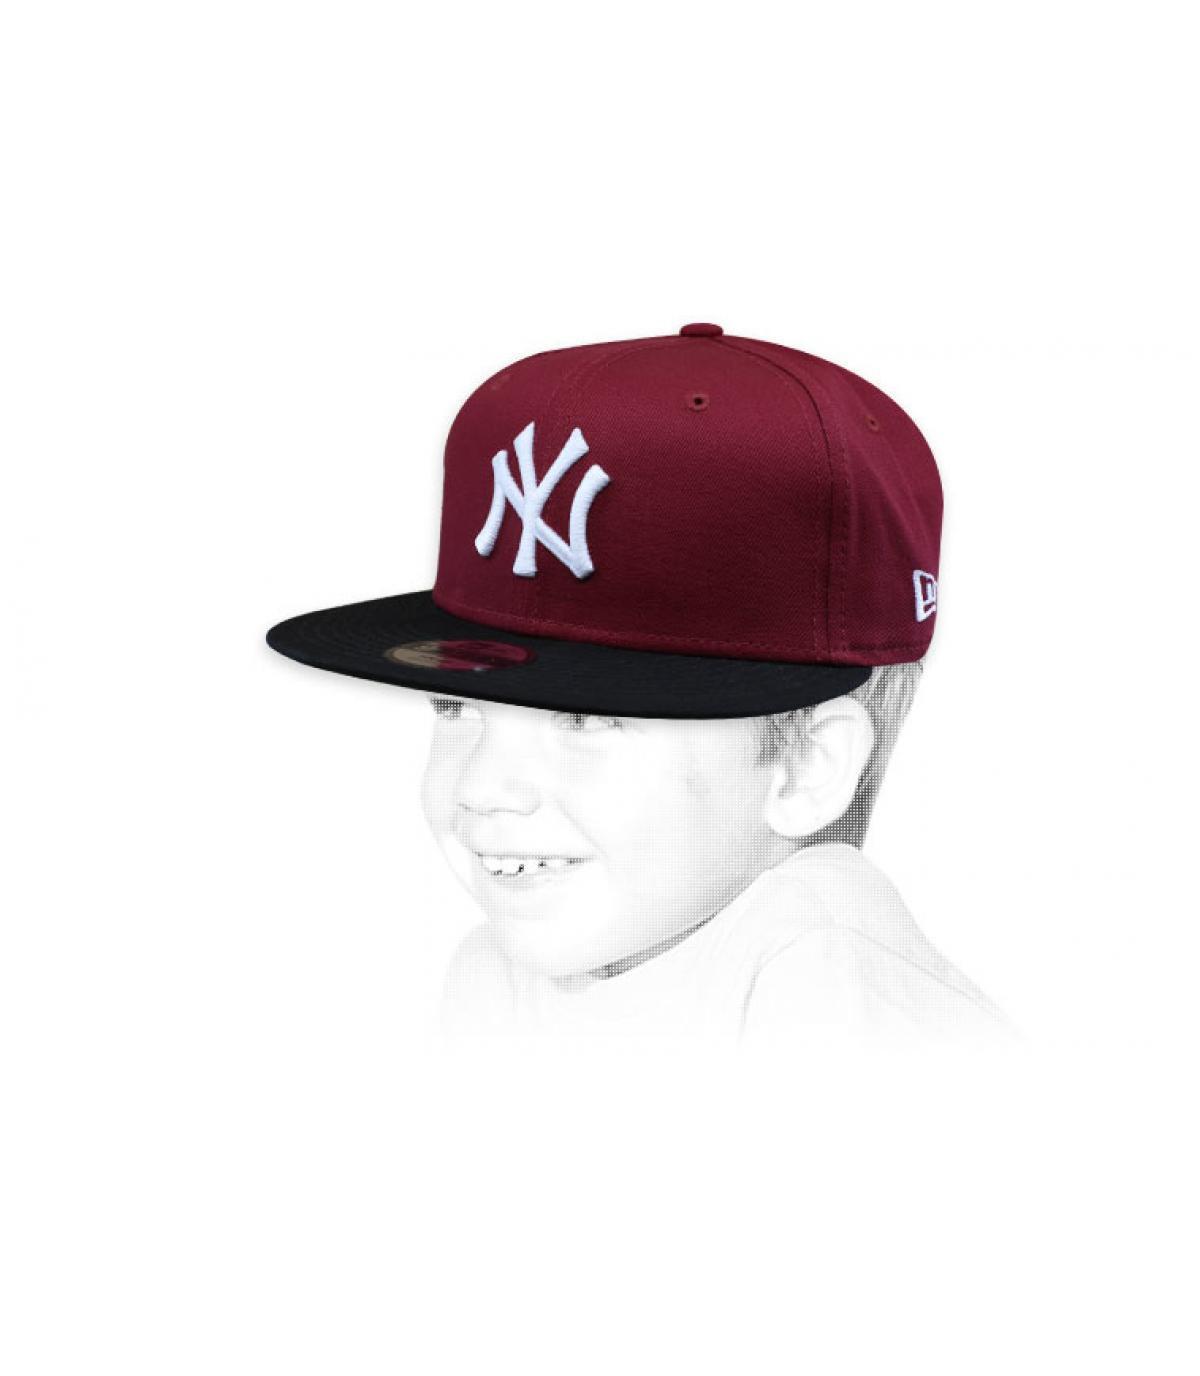 Kinder Cap NY bordeaux schwarz